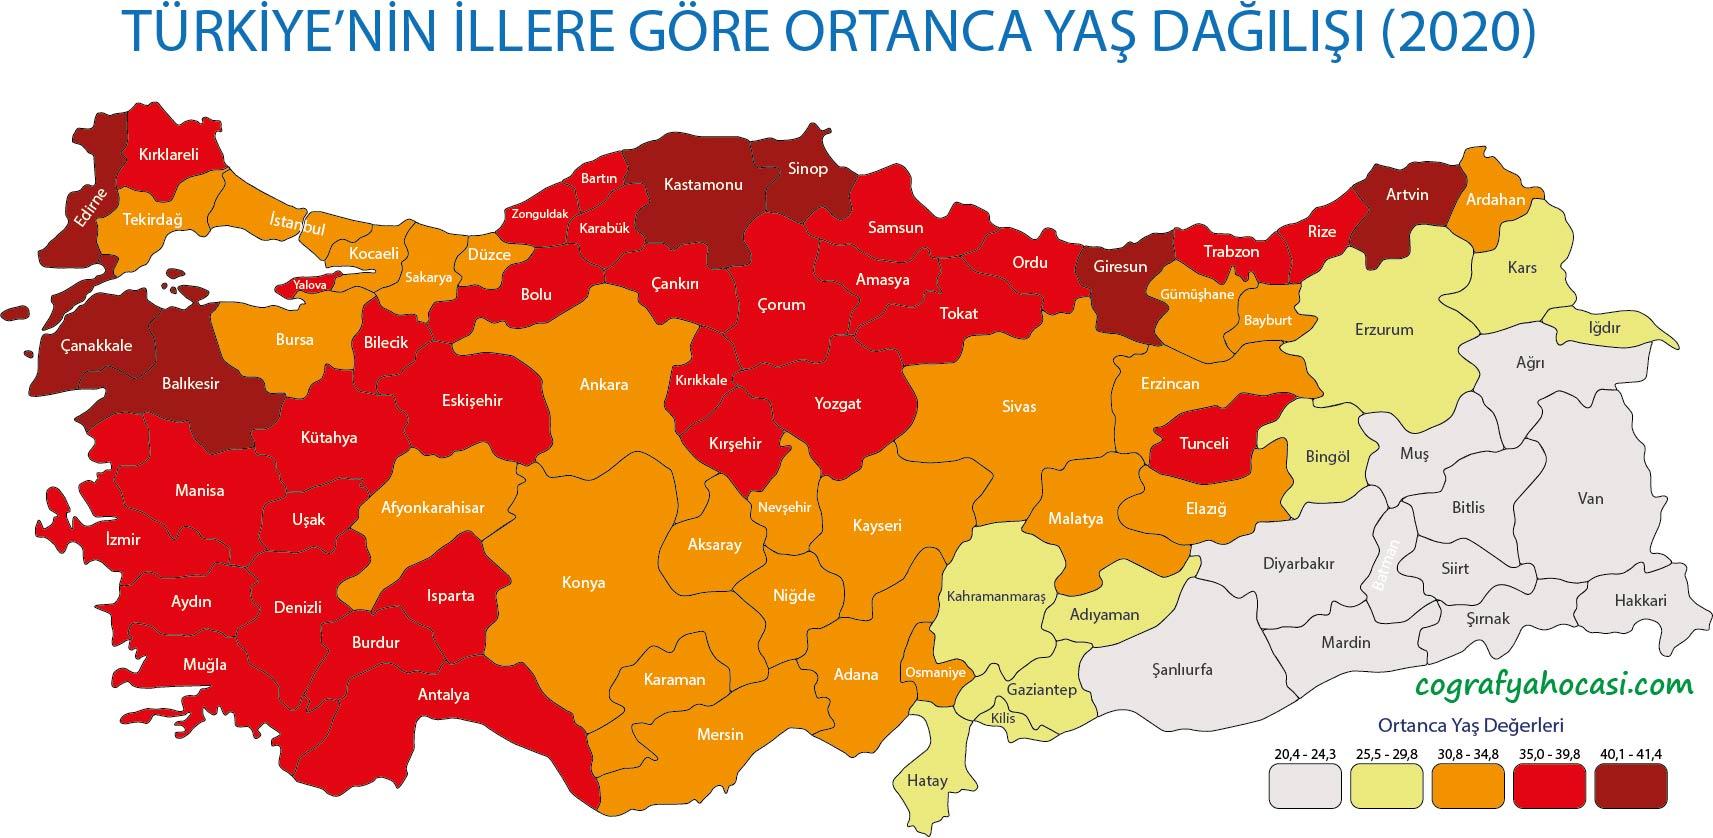 Türkiye'nin İllere Göre Ortanca Yaş Dağılış Haritası (2020)